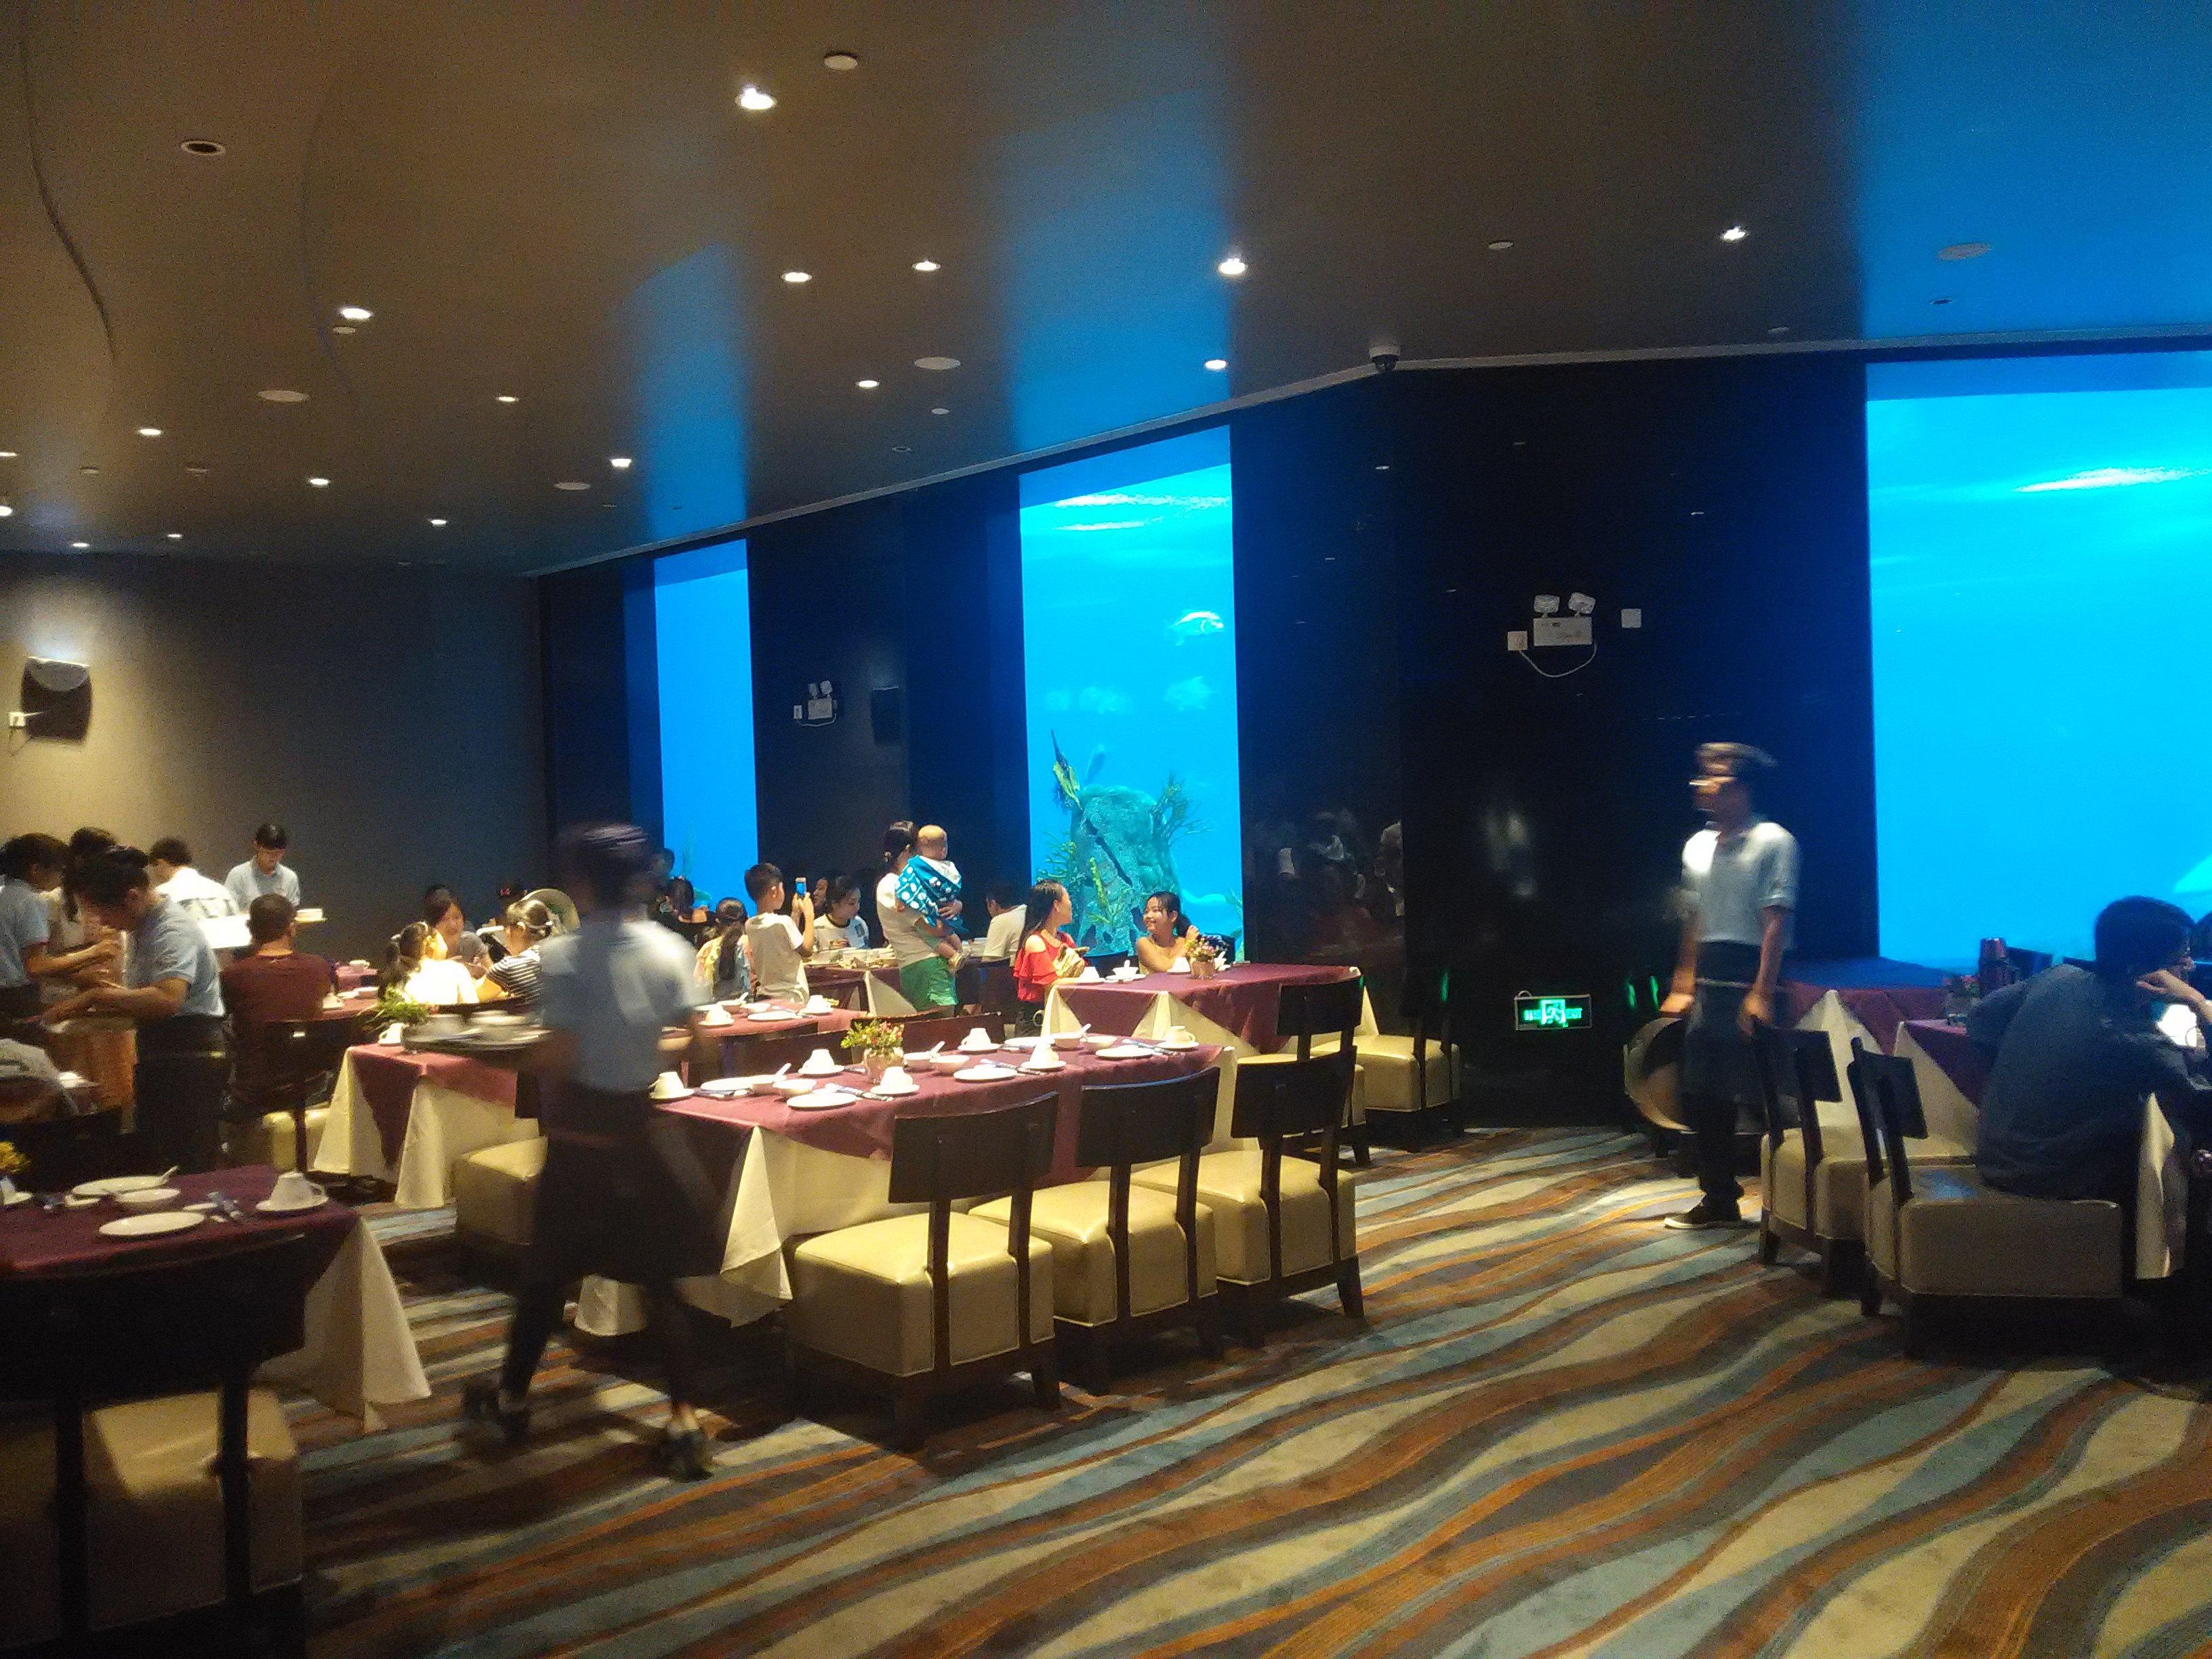 海底餐厅 - 珠海游记攻略【携程攻略】